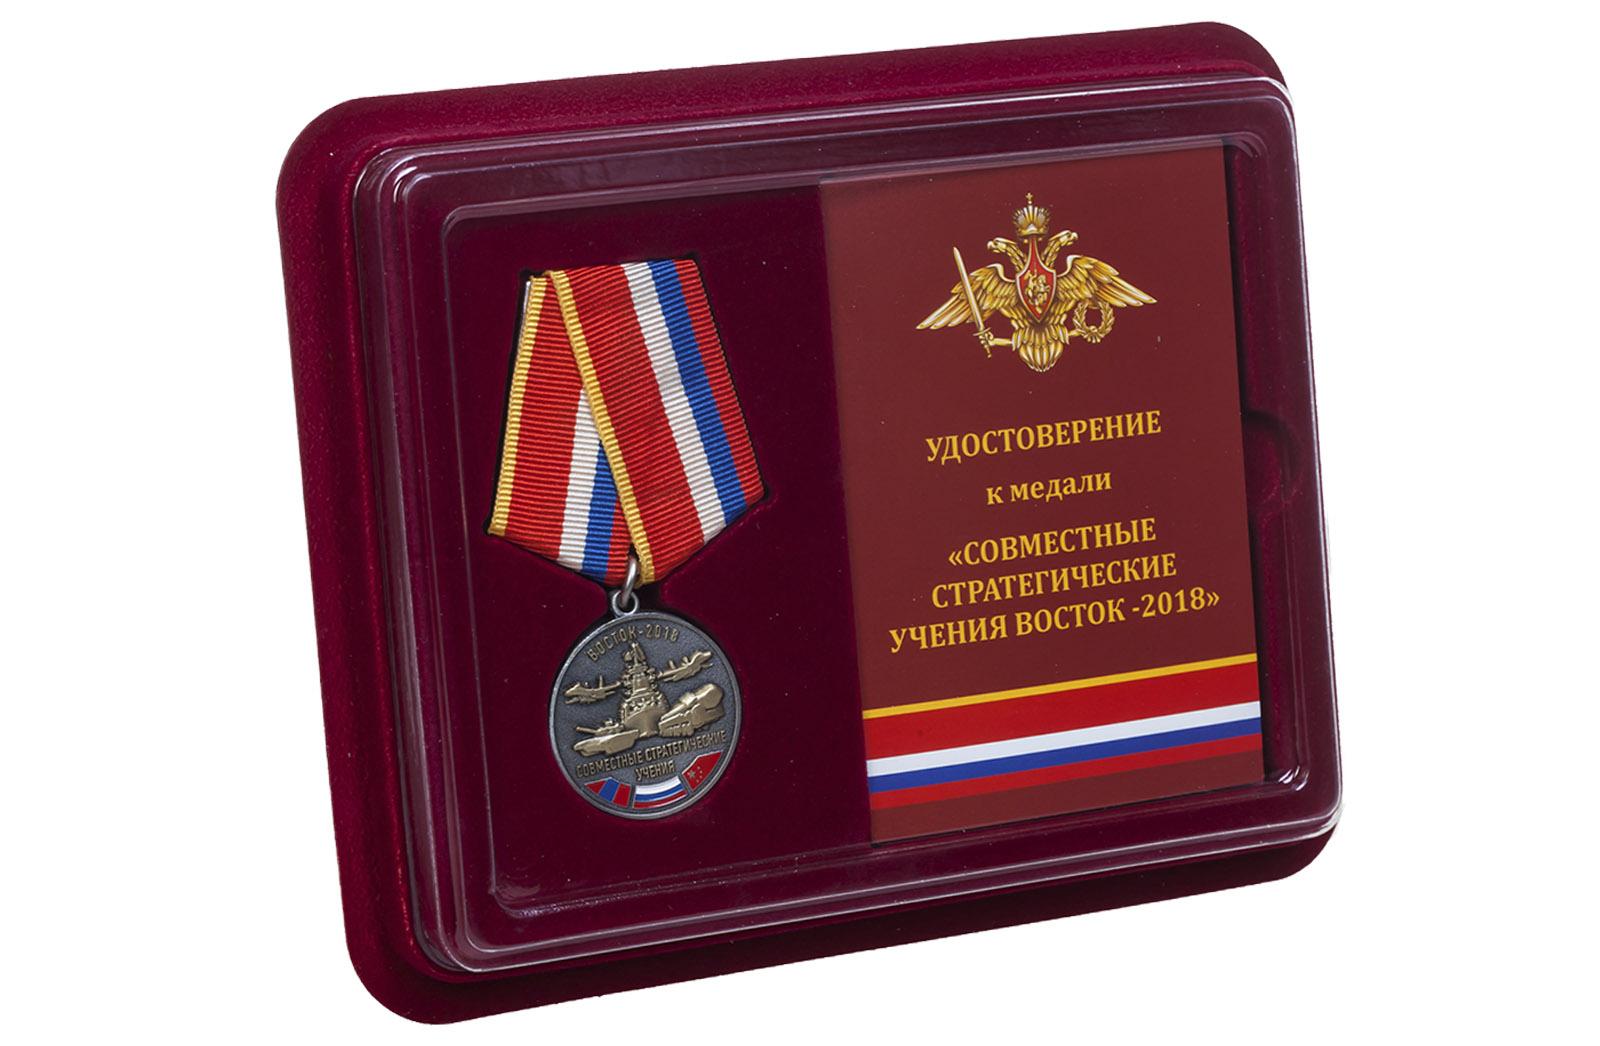 Медаль Совместные стратегические учения Восток-2018 - в футляре с удостоверением